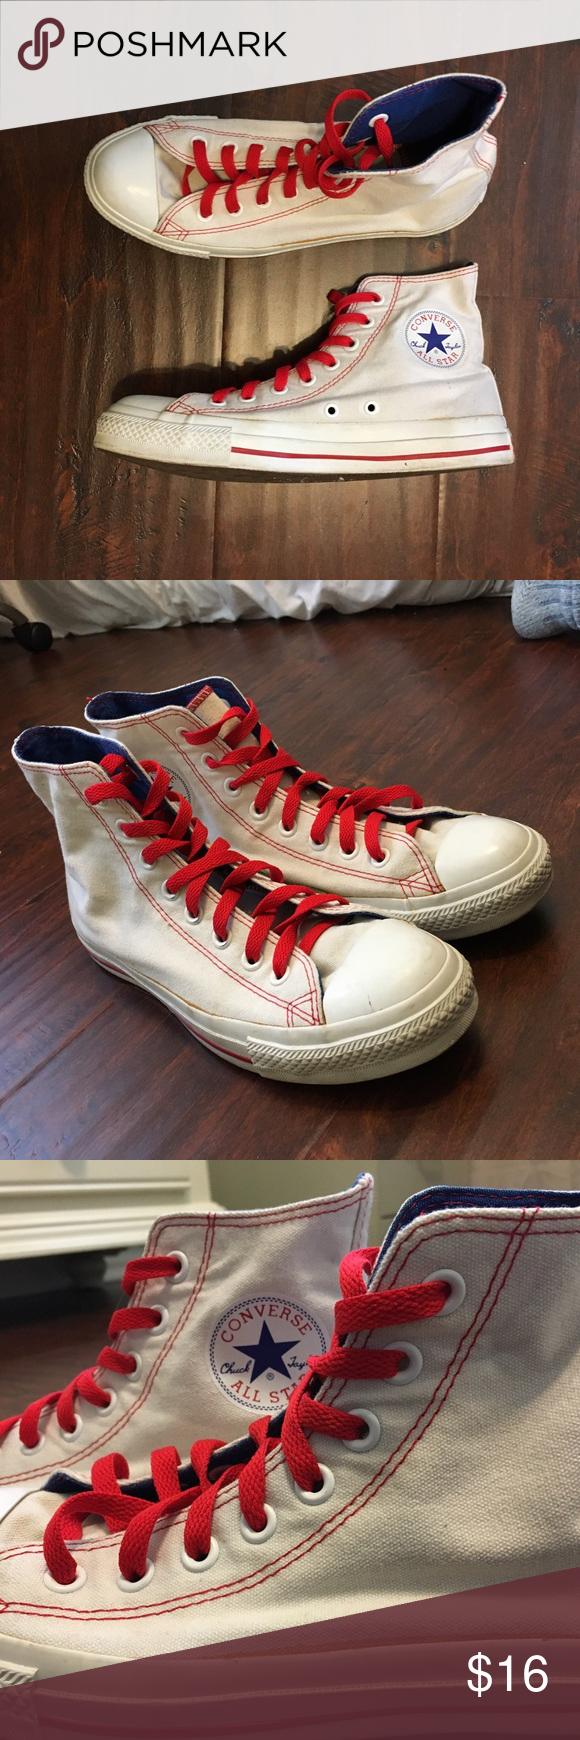 White Converse High Tops W/ Red \u0026 Blue